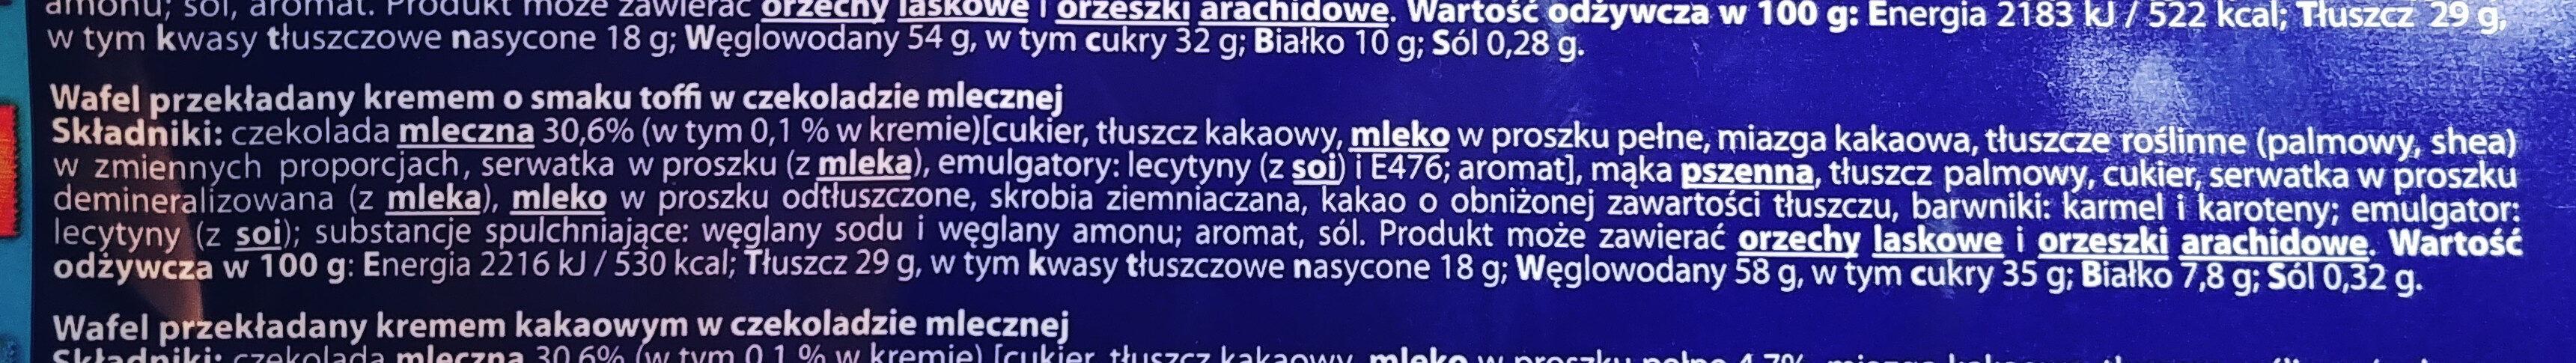 Wafel przekładany kremem o smaku toffi w czekoladzie mlecznej - Ingredients - pl